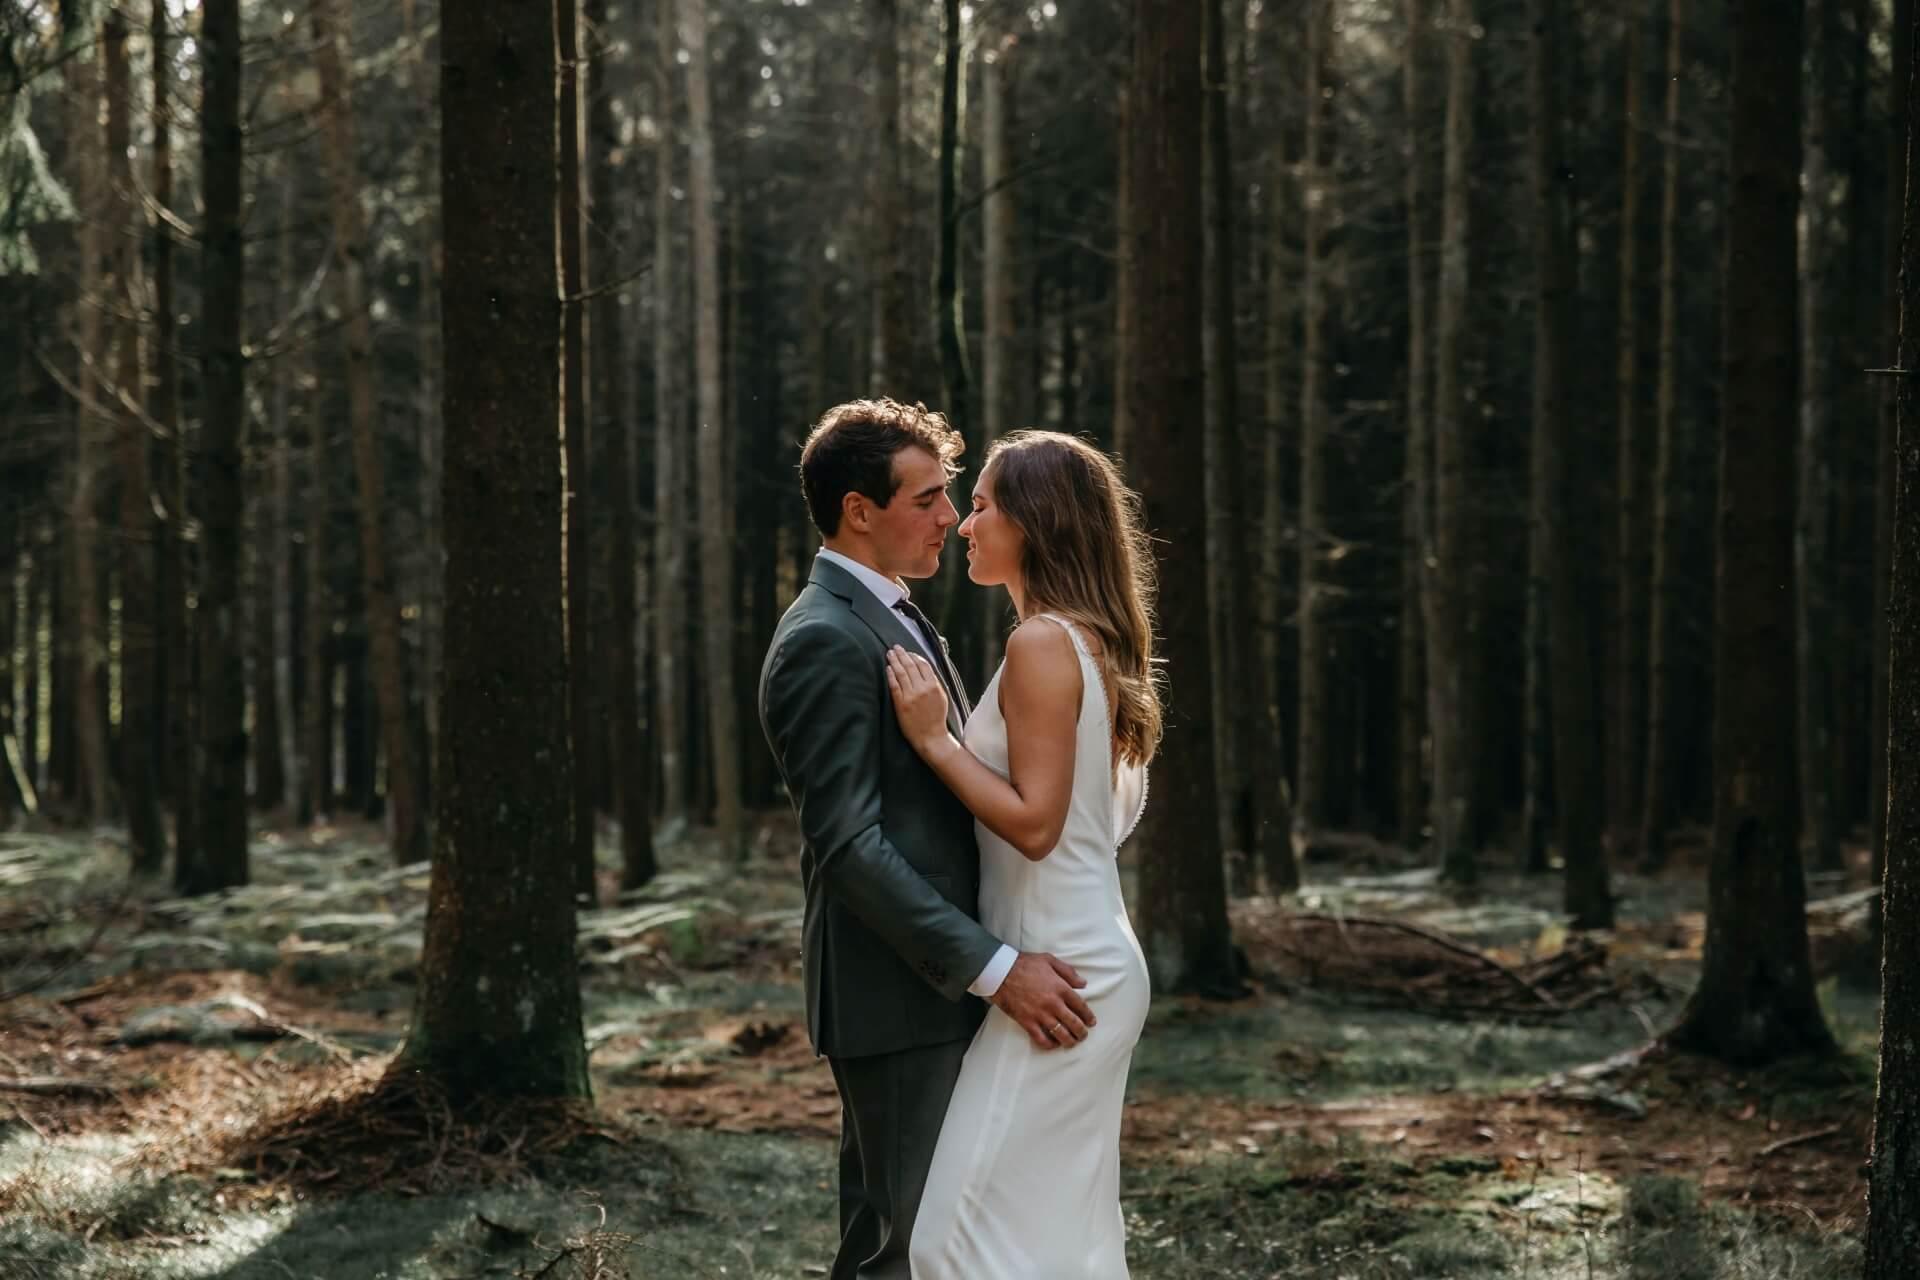 Trouwen in de Ardennen - Bruiloft in Belgie 009